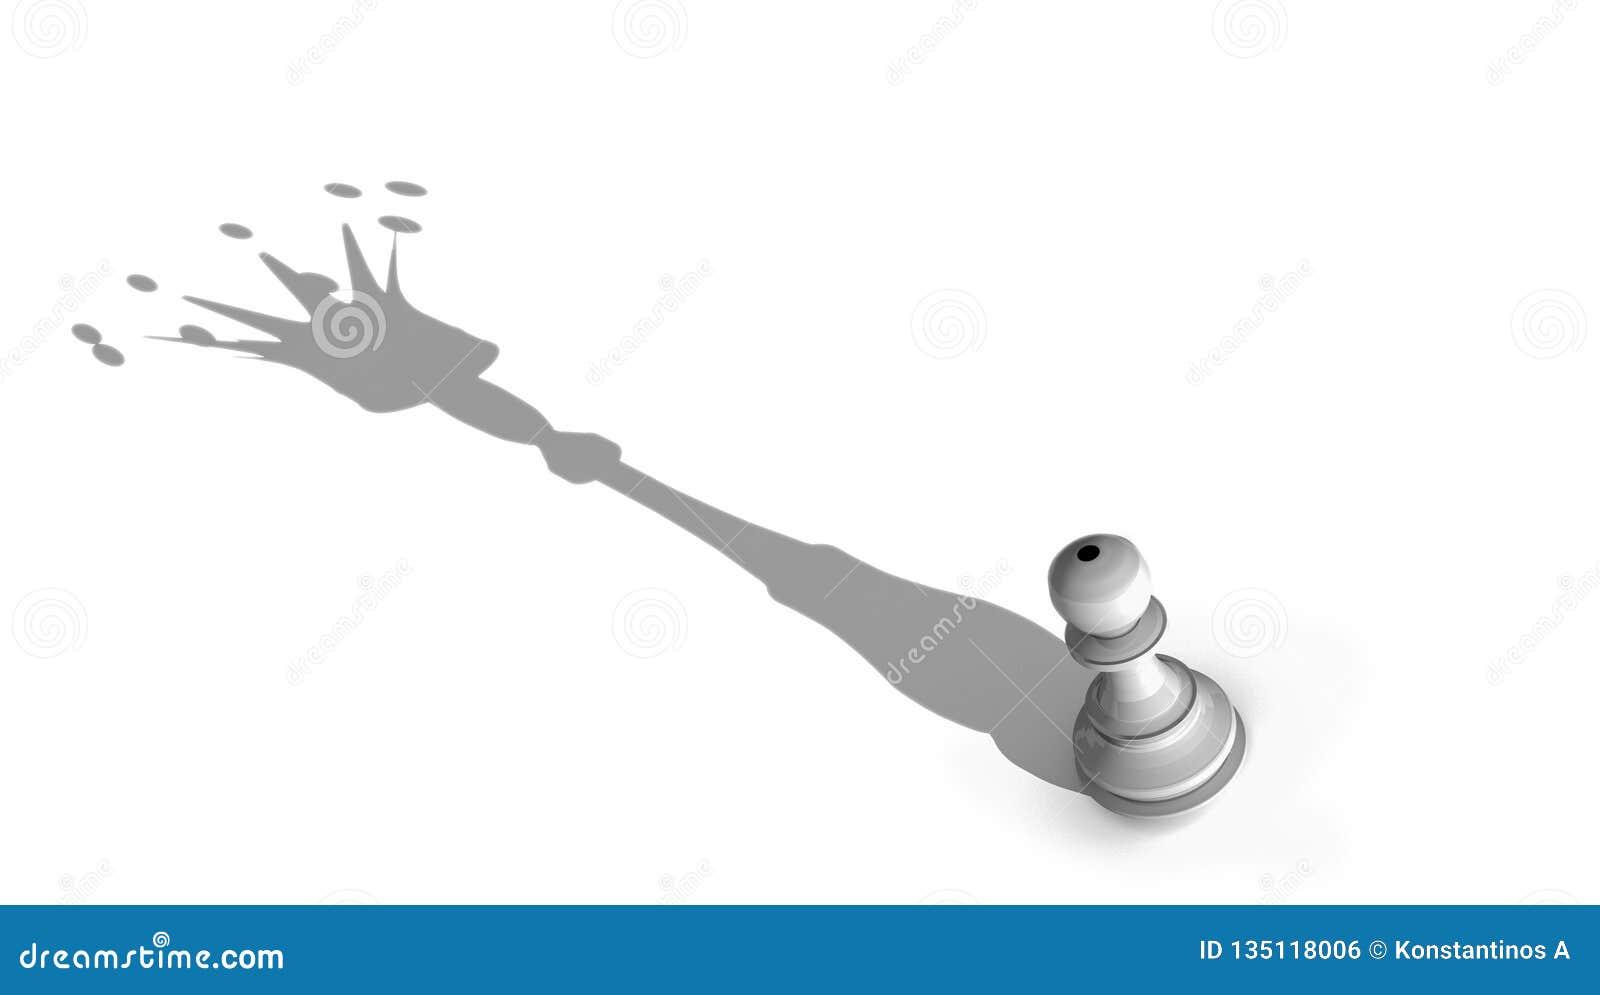 Король ферзя представляет пешку шахмат и большой перевод shandow -3d кроны